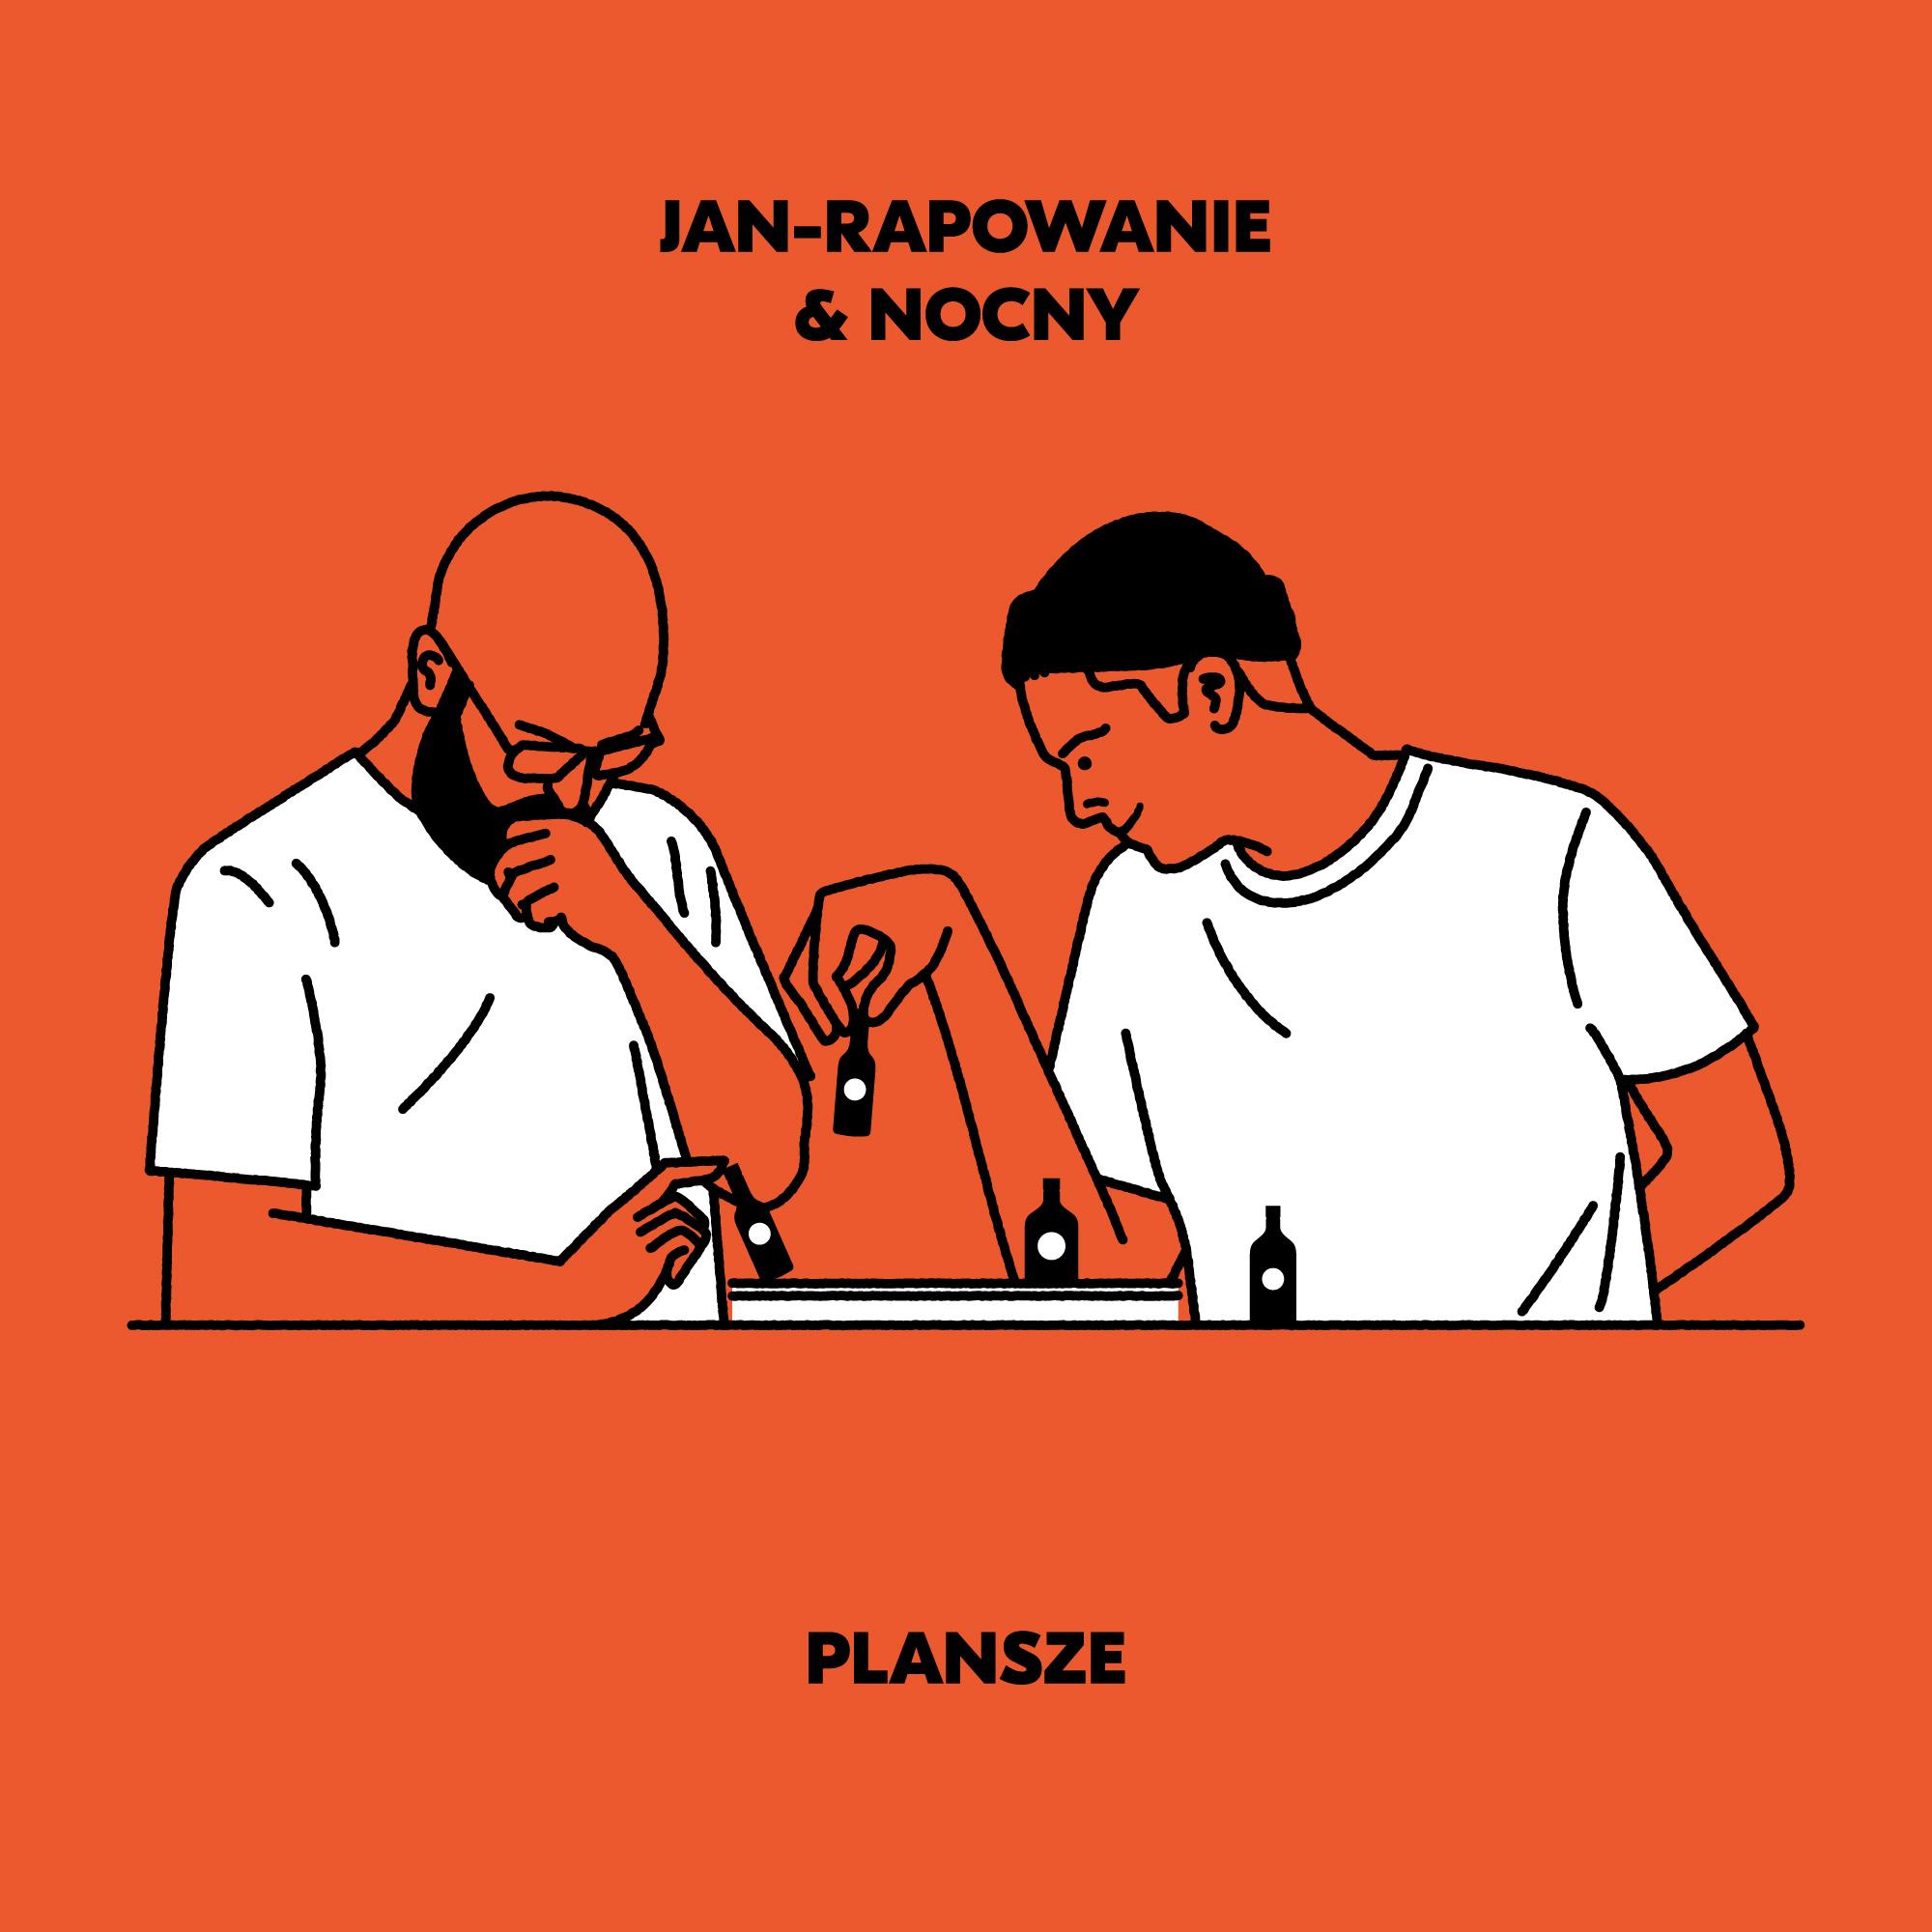 """Jan-rapowanie & Nocny - """"Plansze"""""""